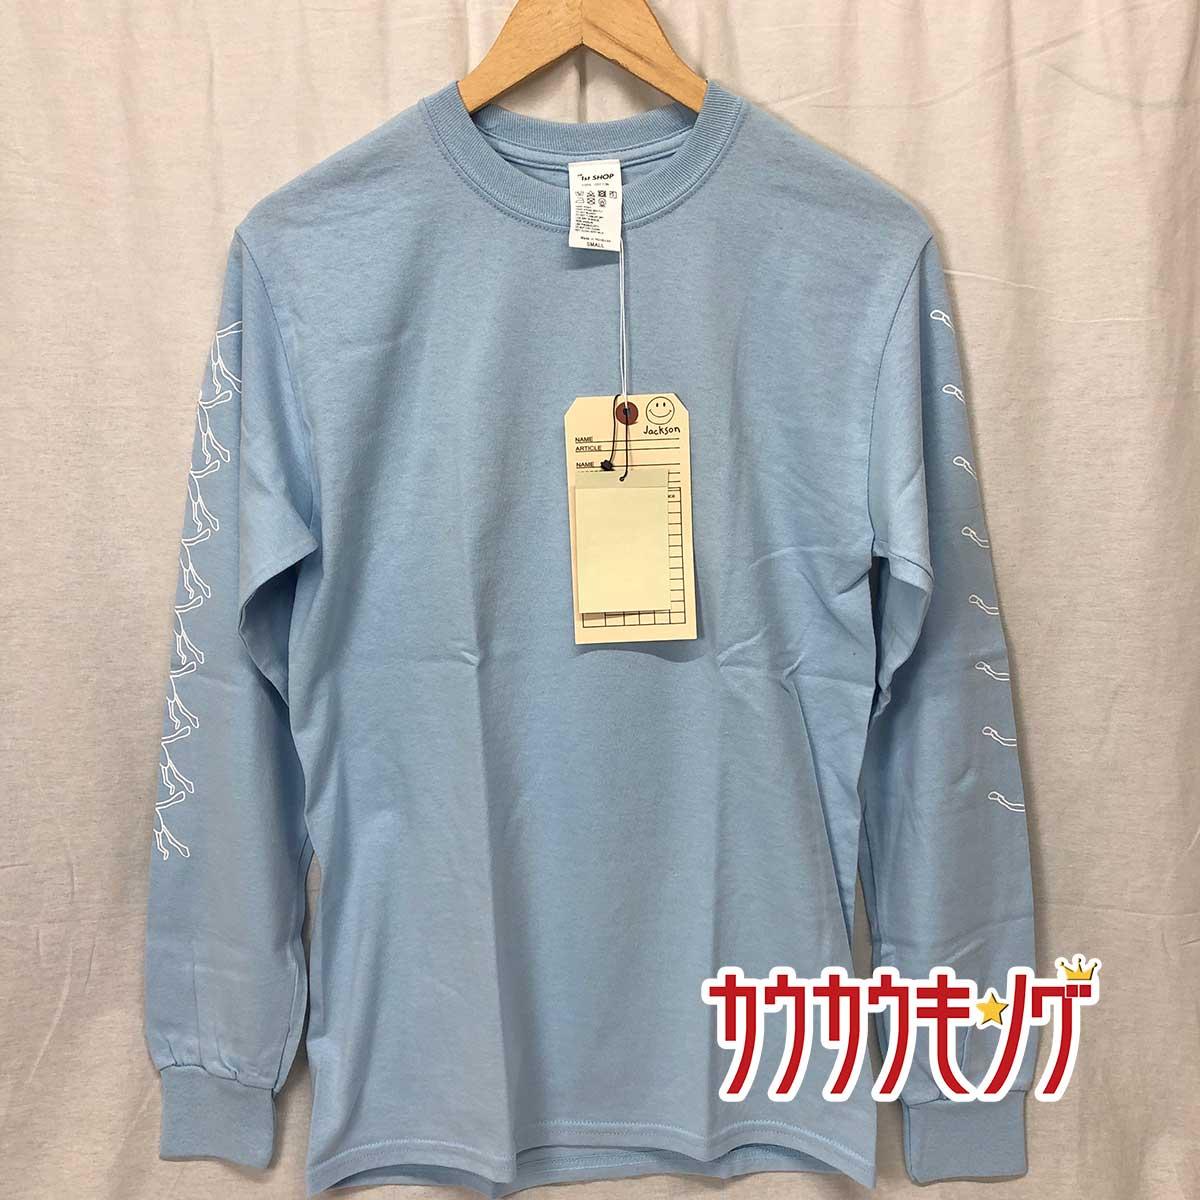 限定モデル 中古 新作入荷 未使用 JACKSON MATISSE ジャクソンマティス Matisse L S コットン Tee ロング ライトブルー メンズ サイズS Tシャツ スリーブ